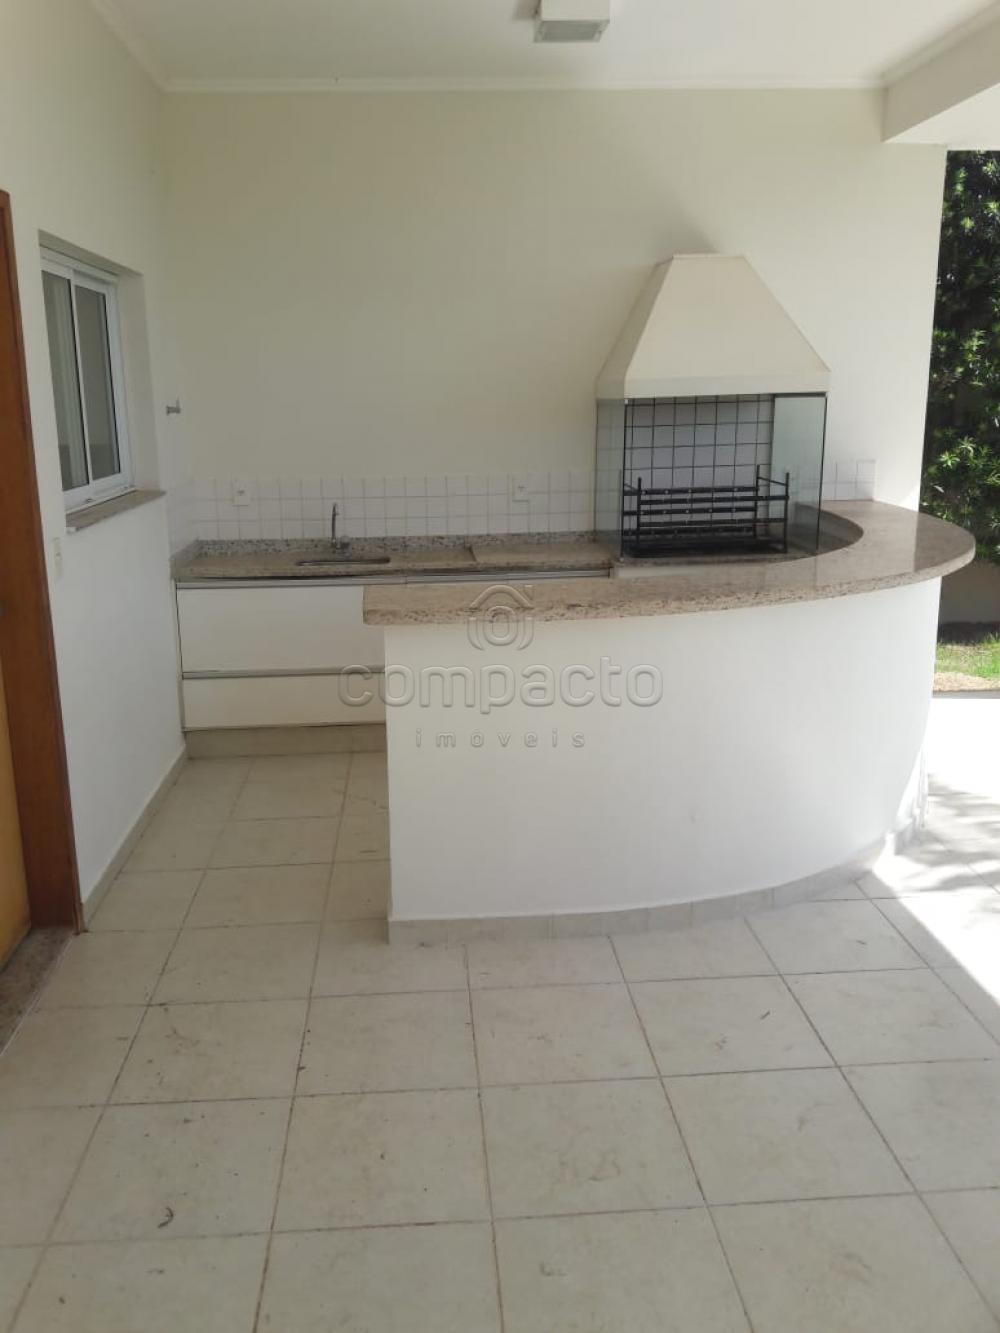 Alugar Casa / Condomínio em São José do Rio Preto apenas R$ 4.500,00 - Foto 21